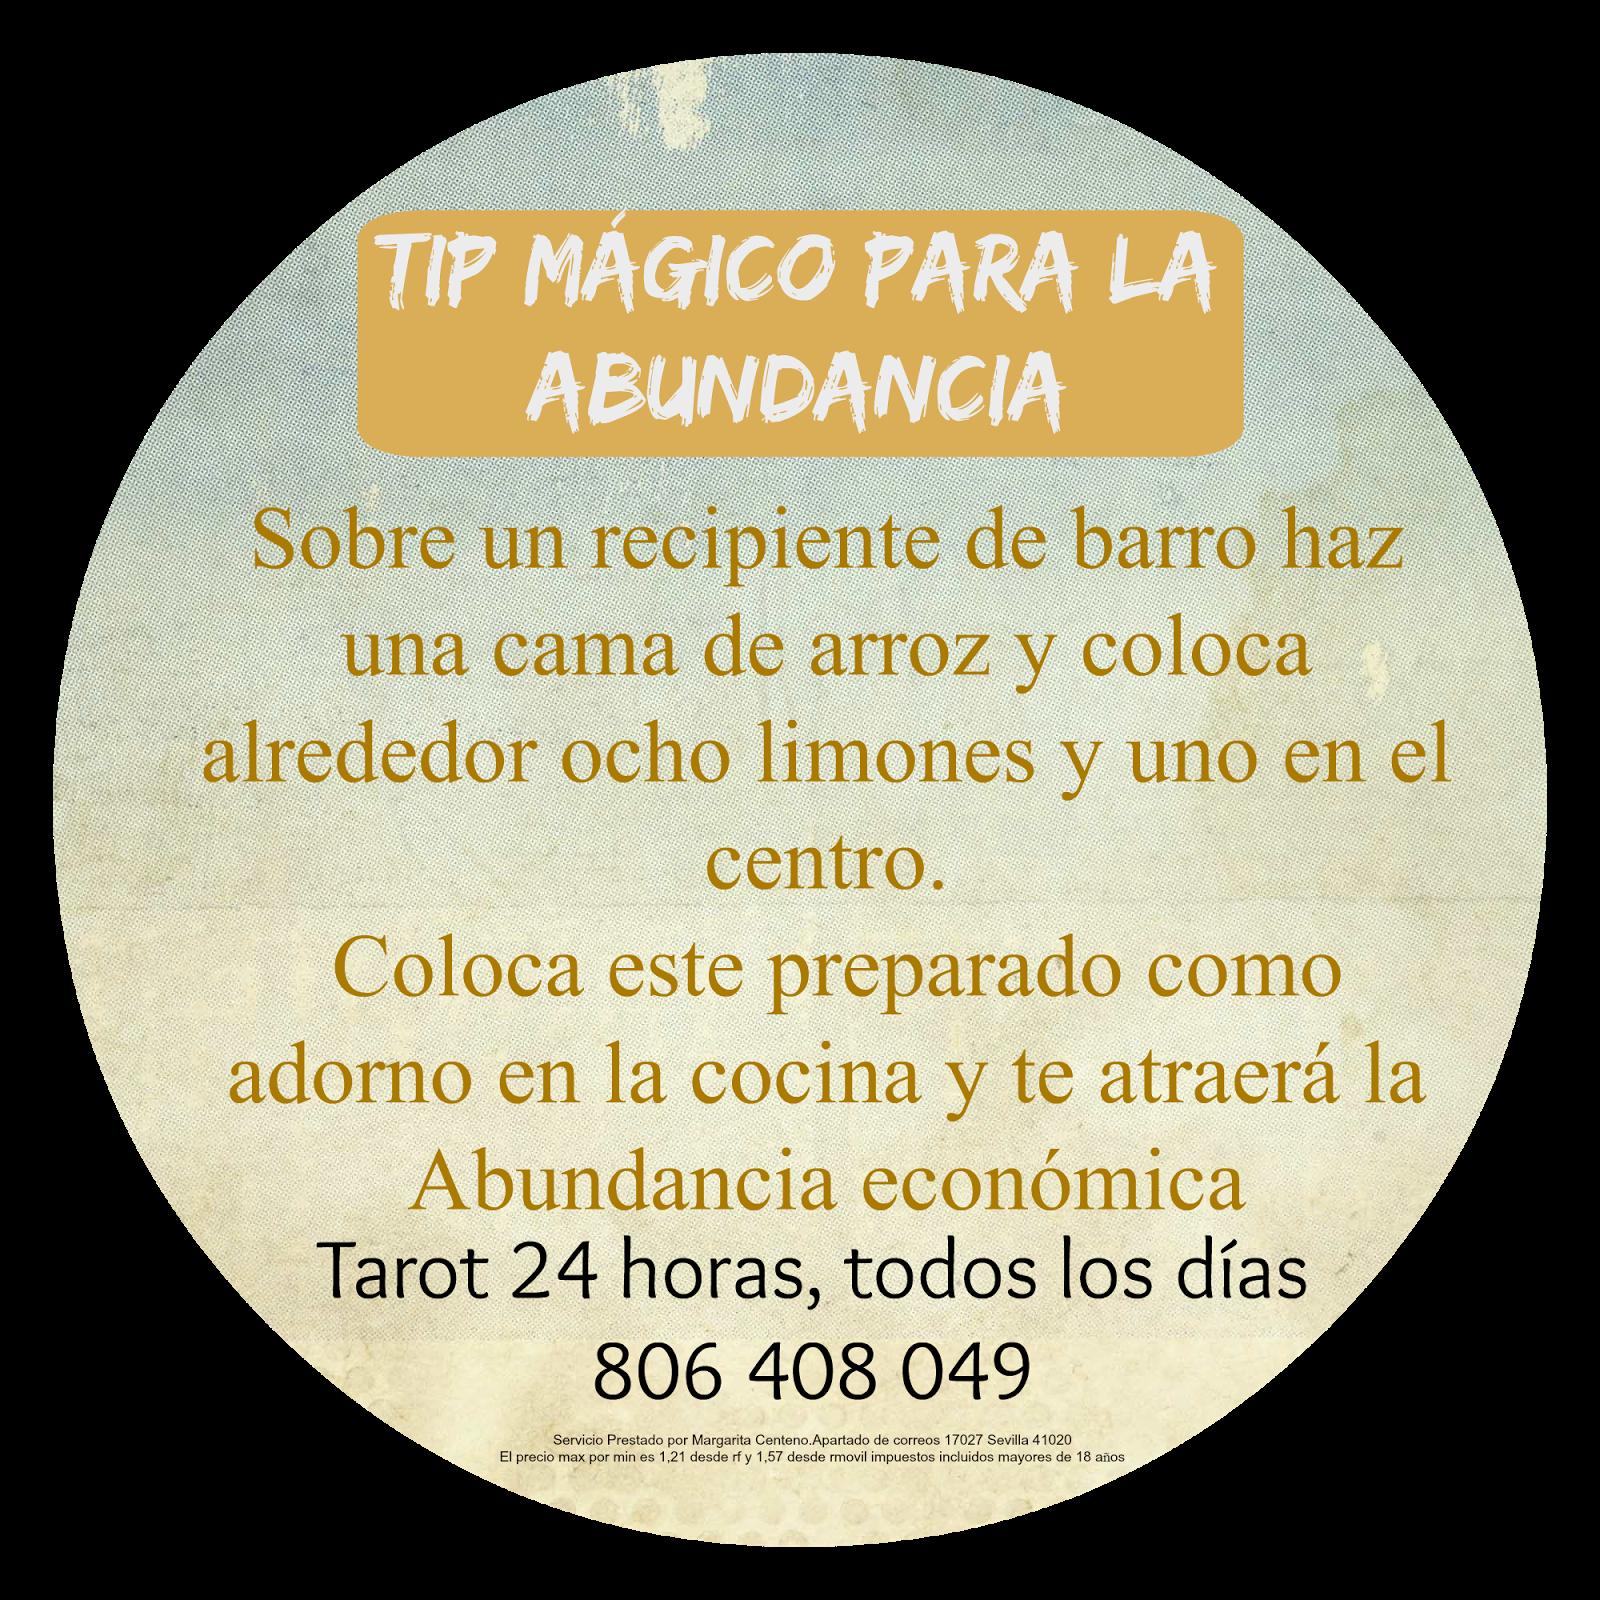 Tarot Y Rituales Con Margui Centeno Magia Blanca Consejo Mágico Para Atraer La Abundancia Magia Blanca Hechizos Y Conjuros Magia